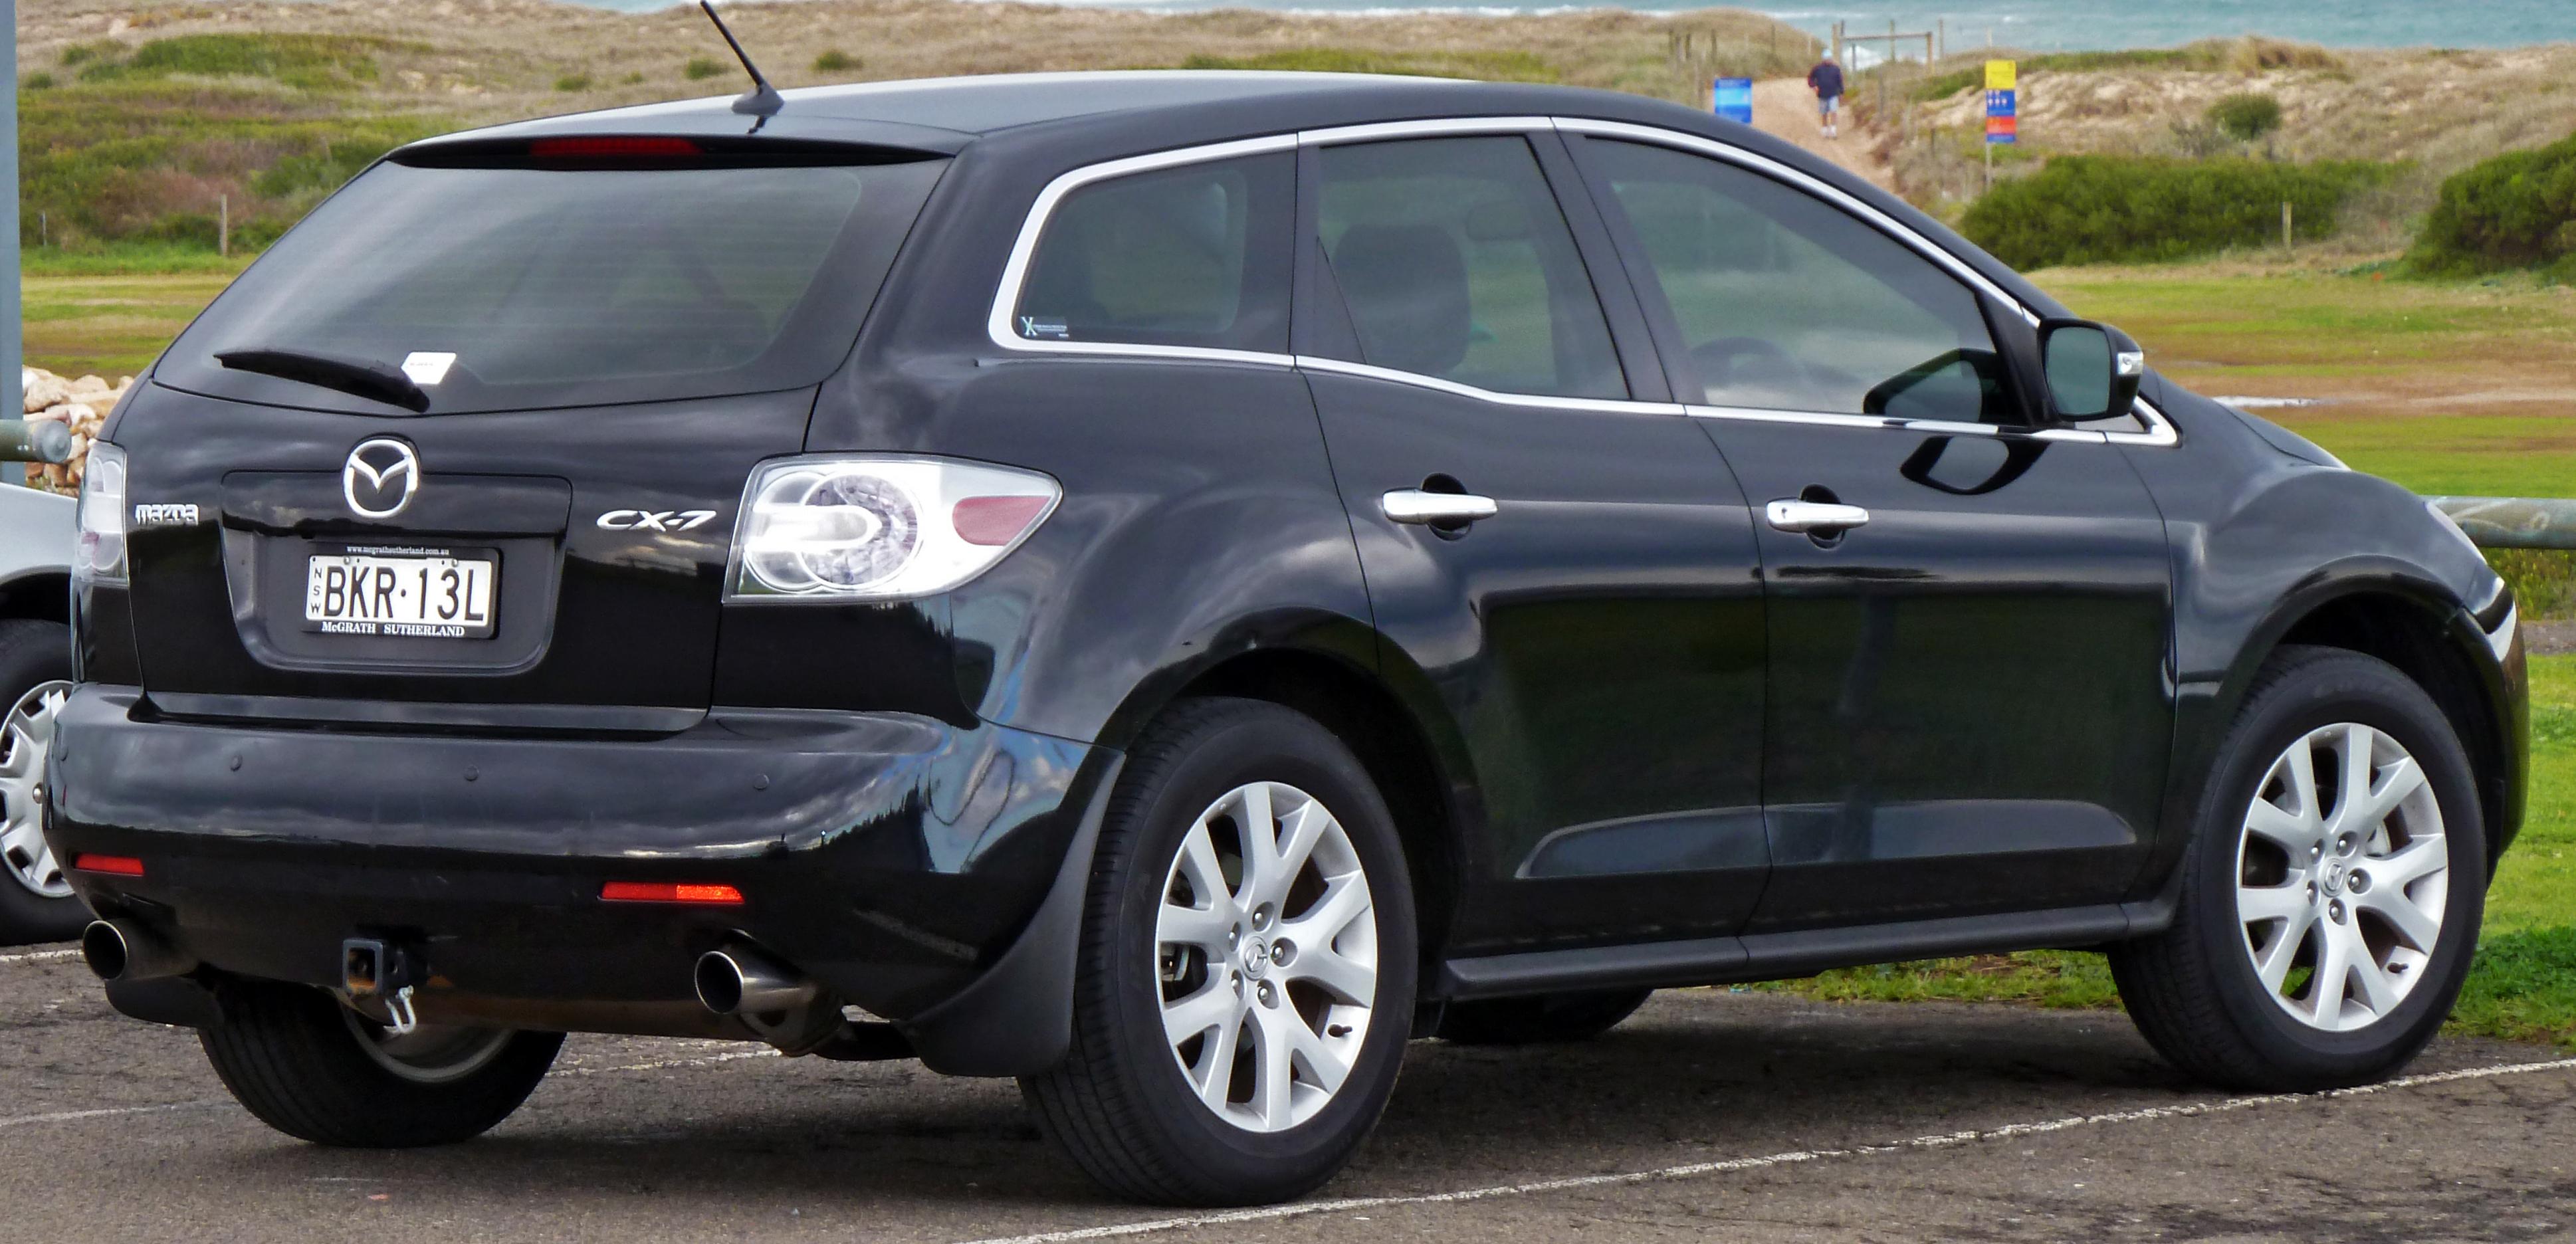 2010 Mazda Cx 7 Image 3